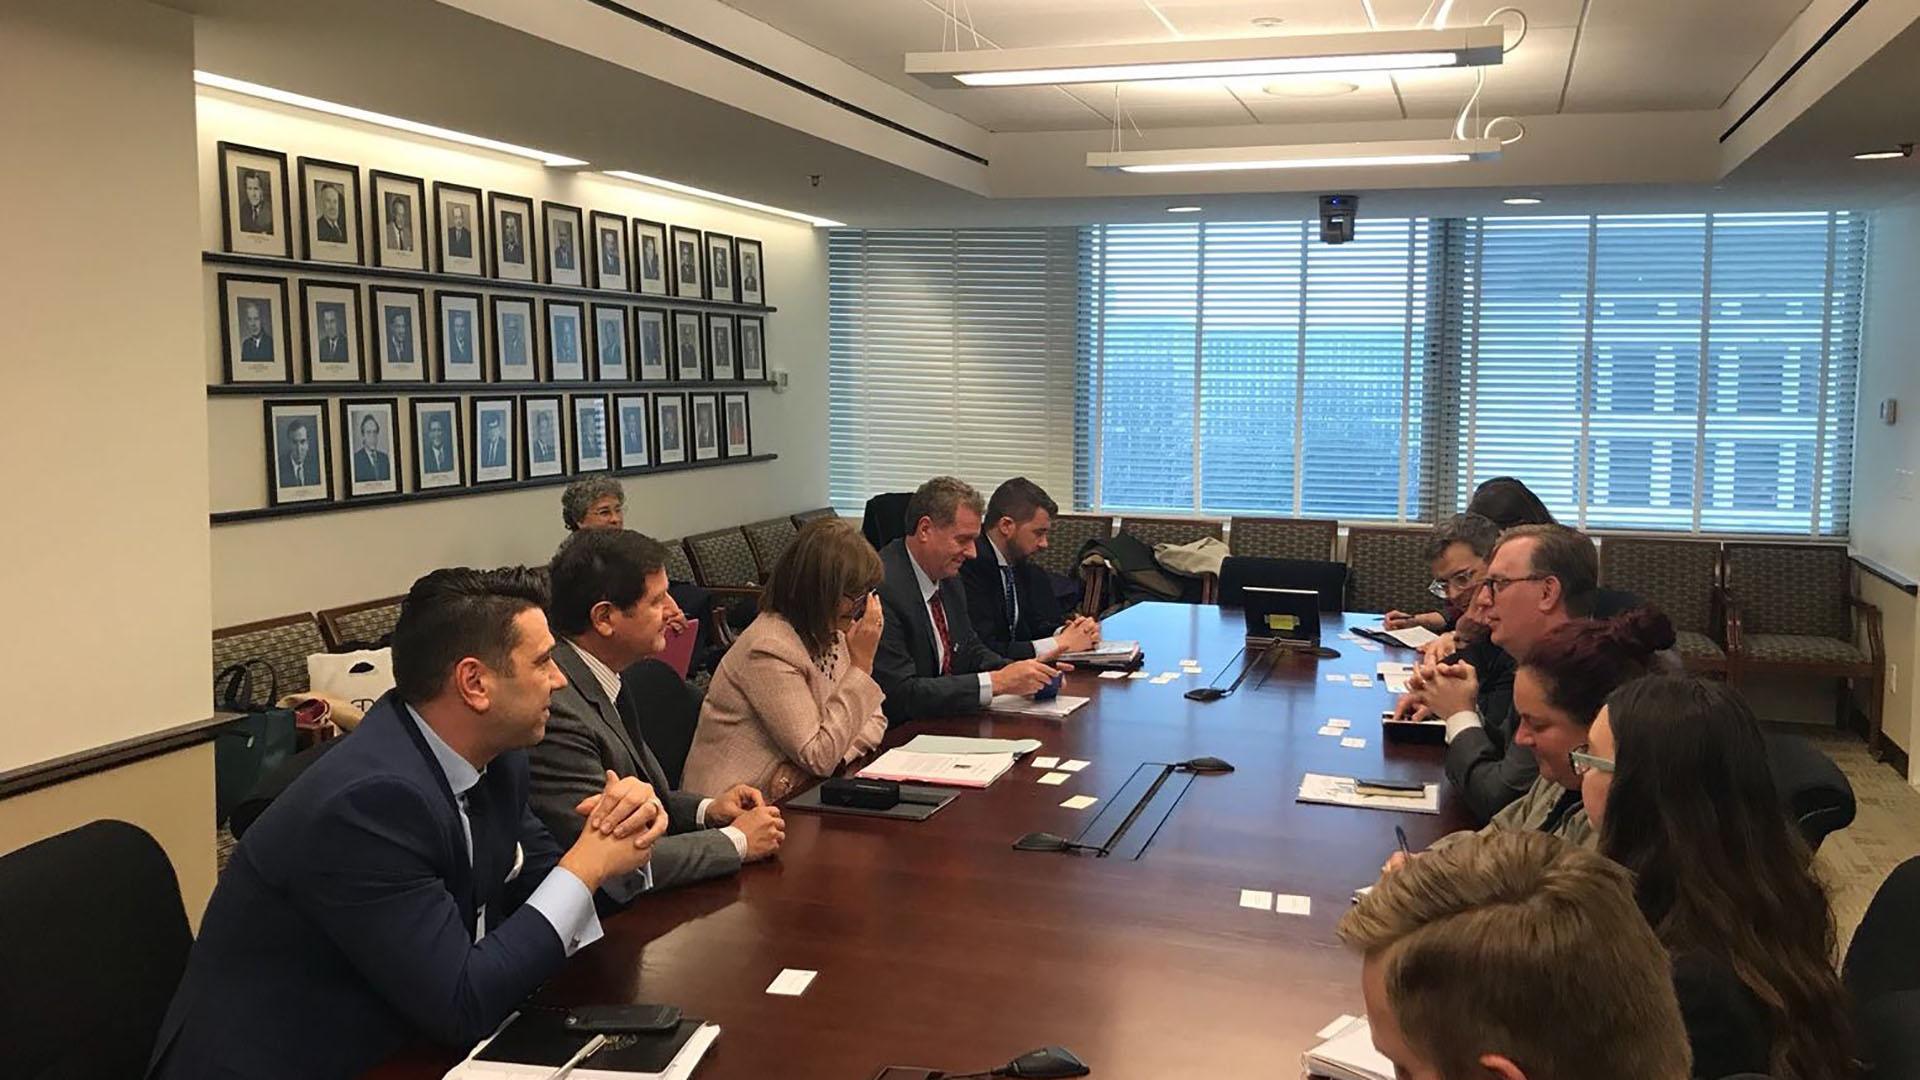 Los funcionarios argentinos mantuvieron varias reuniones de trabajo en los EEUU